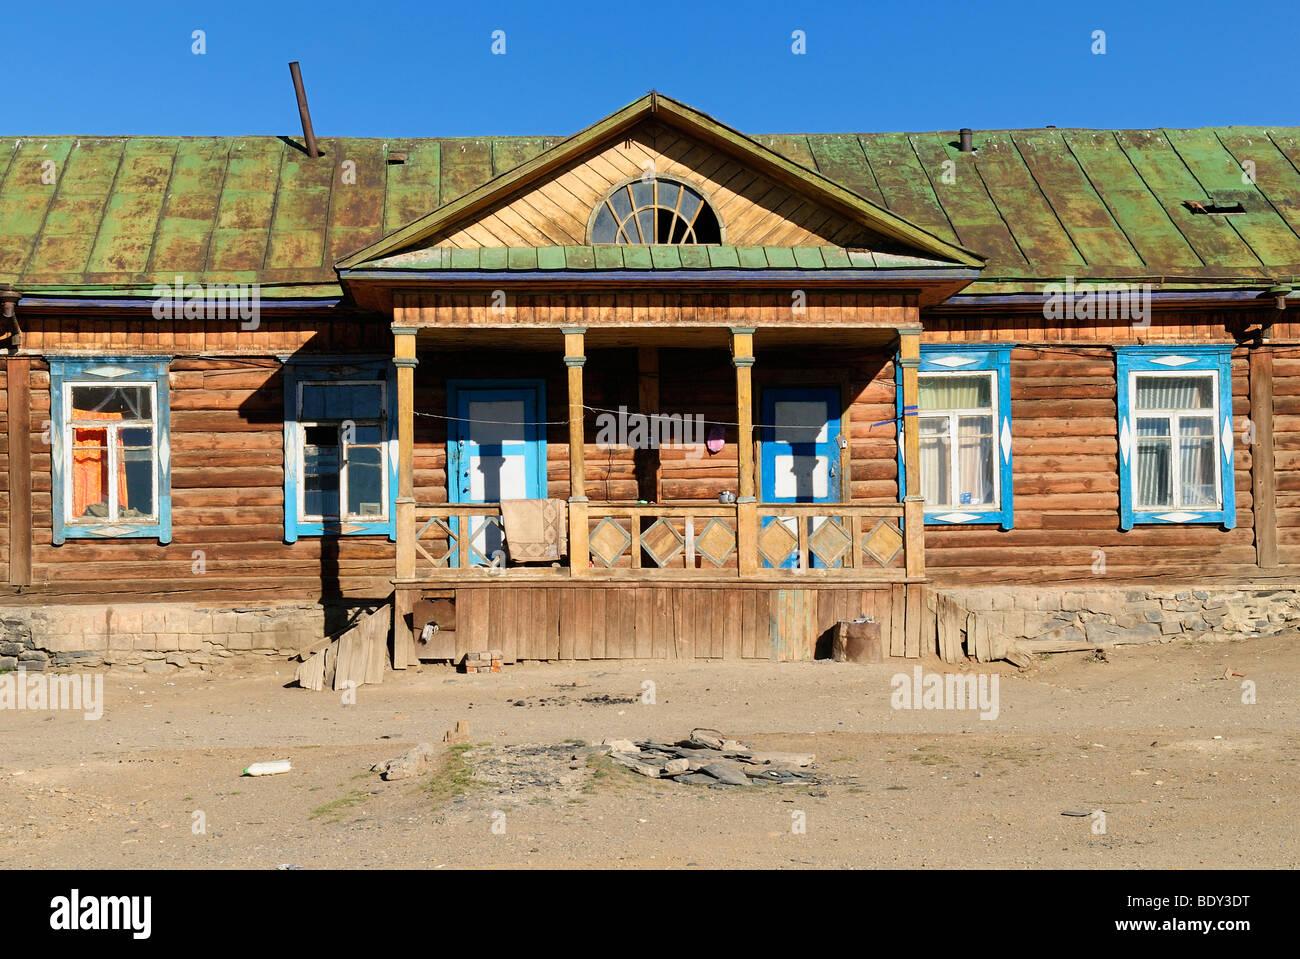 Russische Blockhäuser historische russische blockhaus an der russisch mongolischen